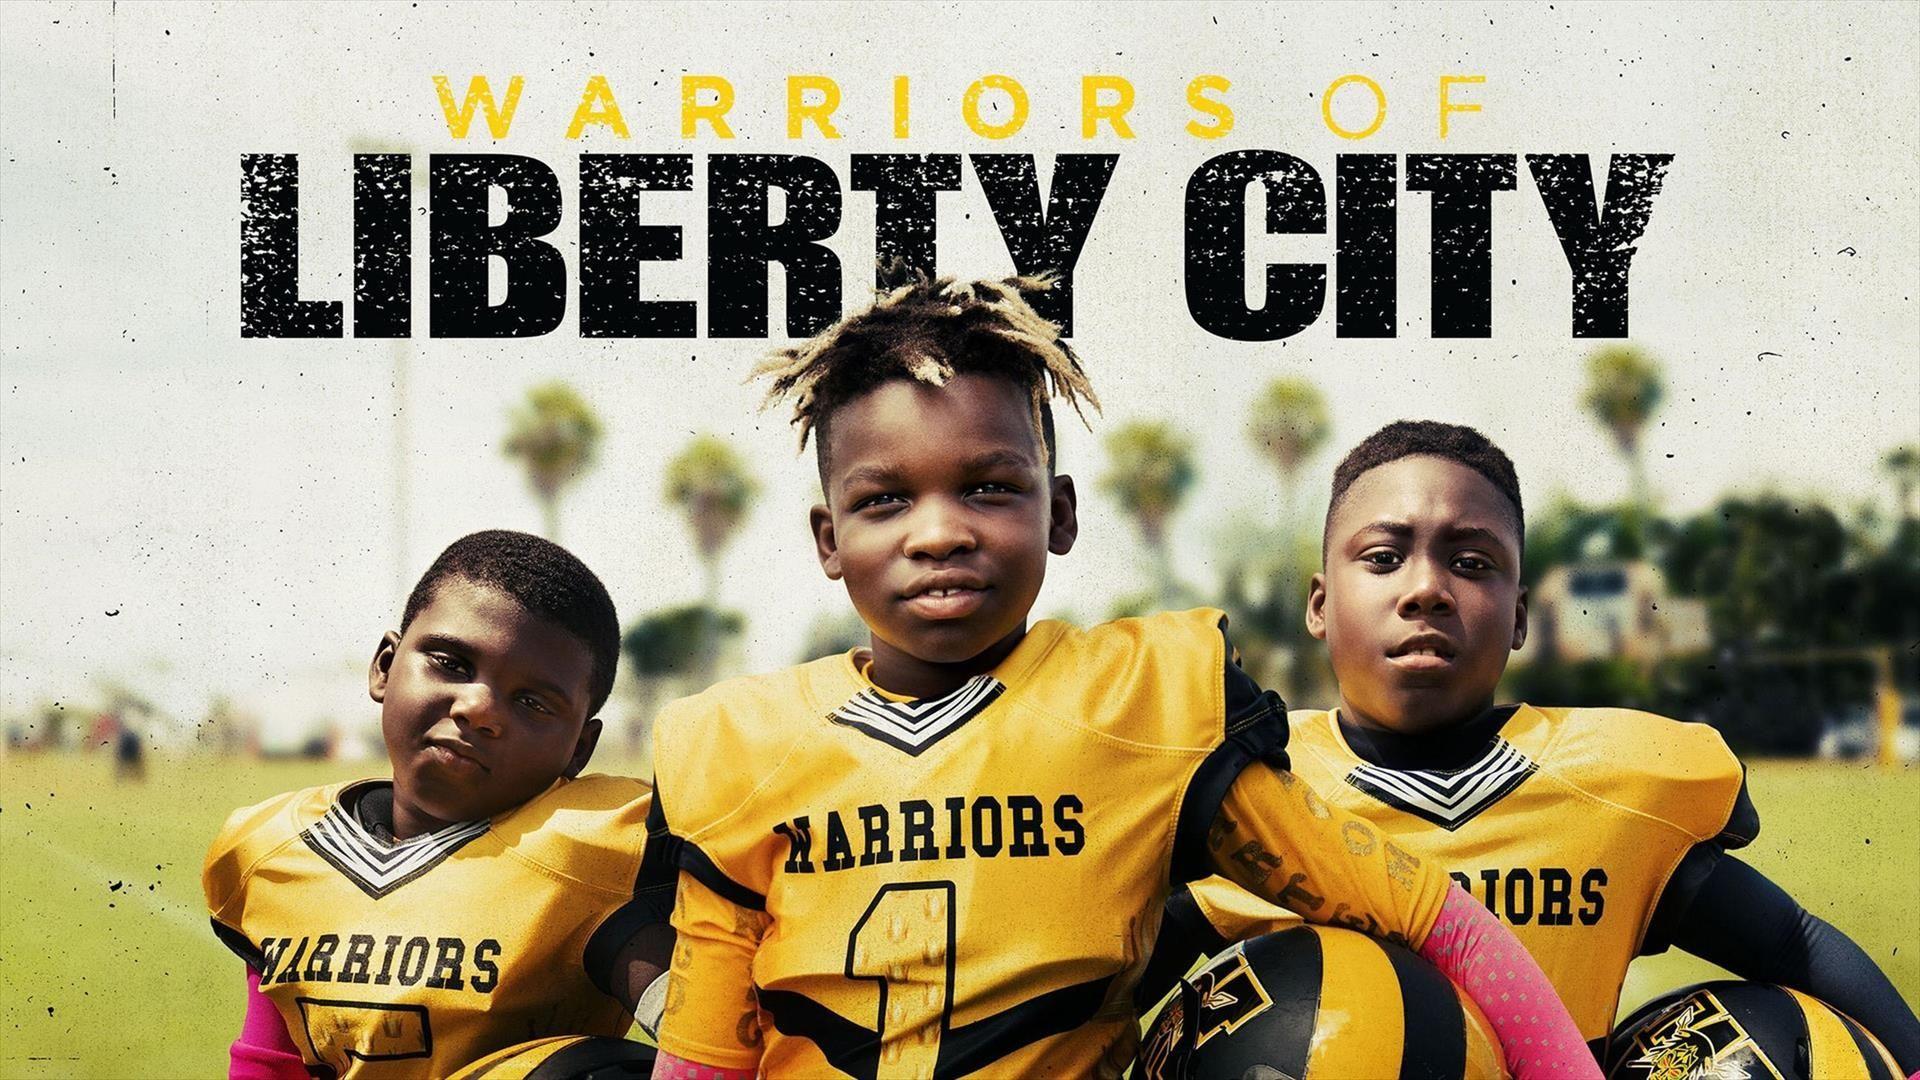 Warriors of Liberty City : La soirée d'anniversaire